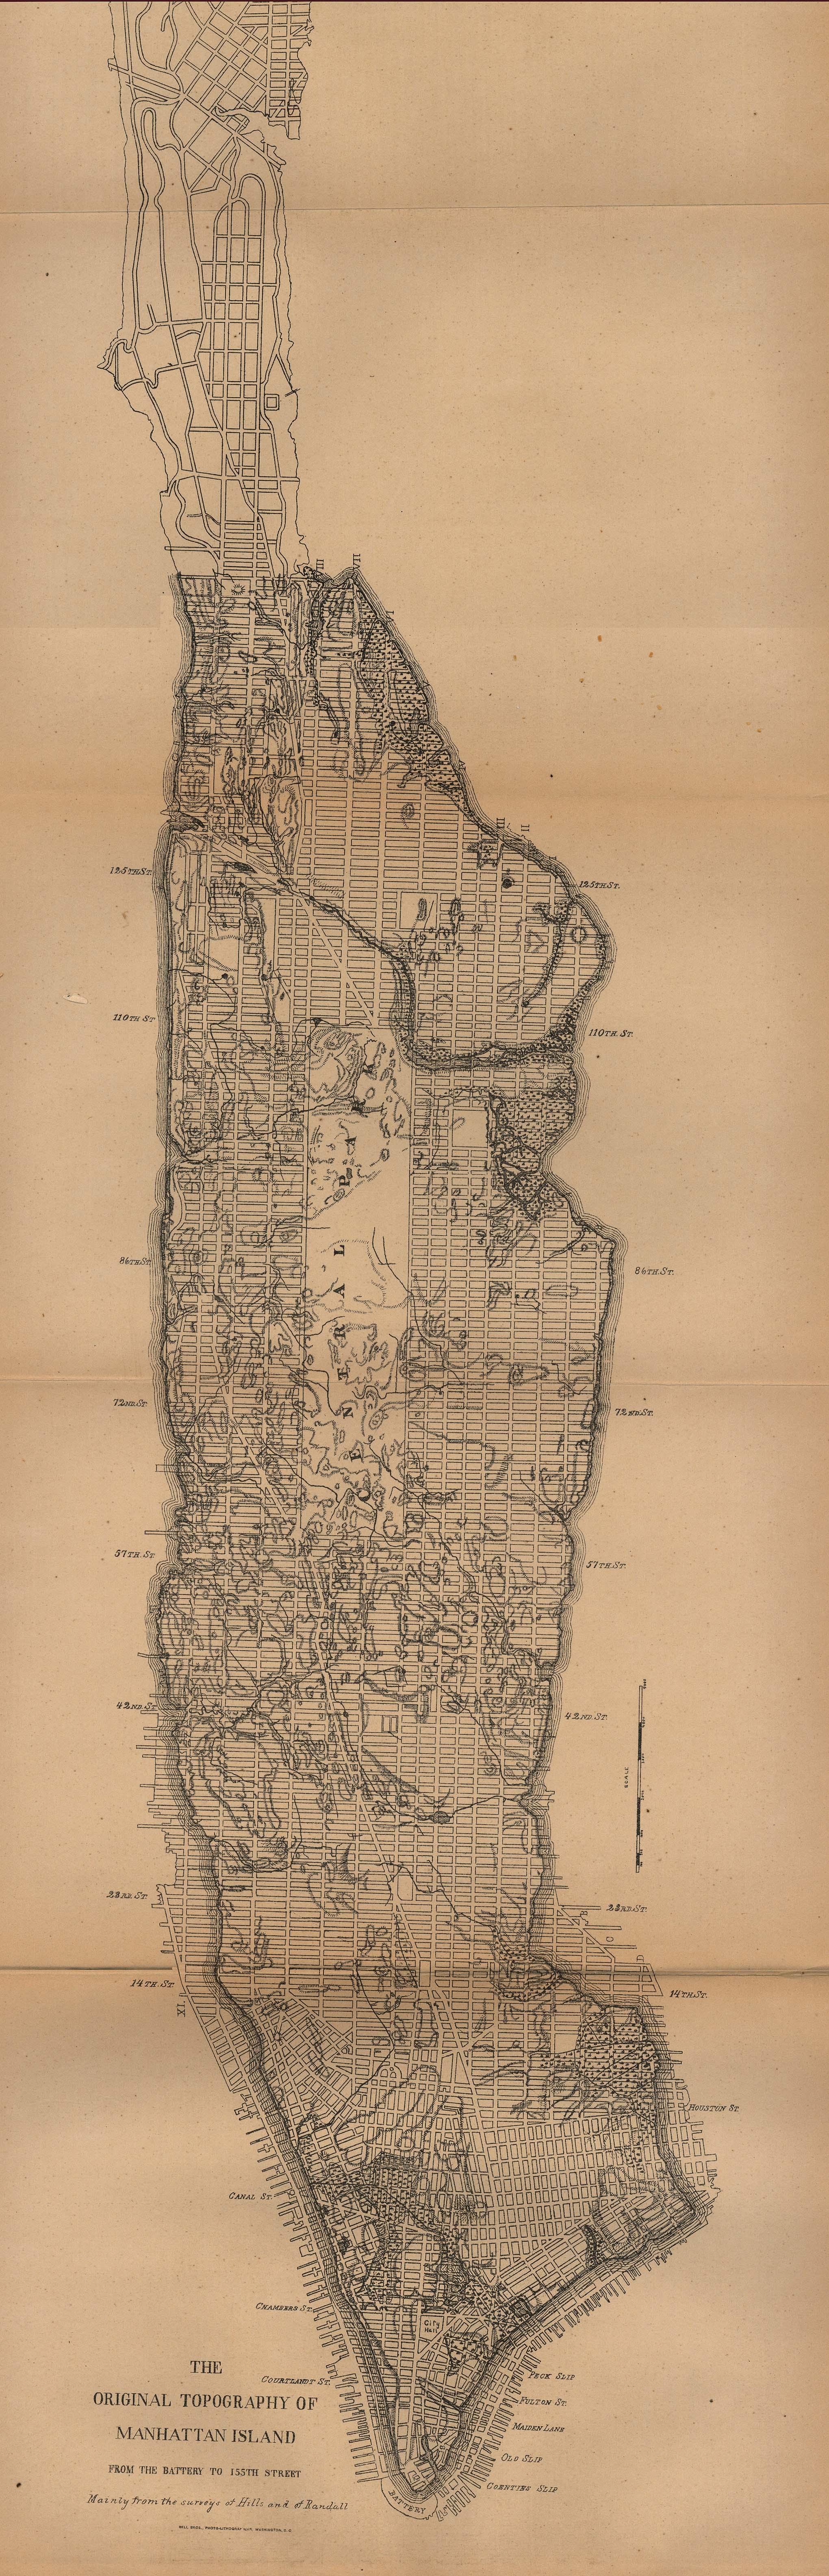 Manhattan Island Outline of Manhattan Island From